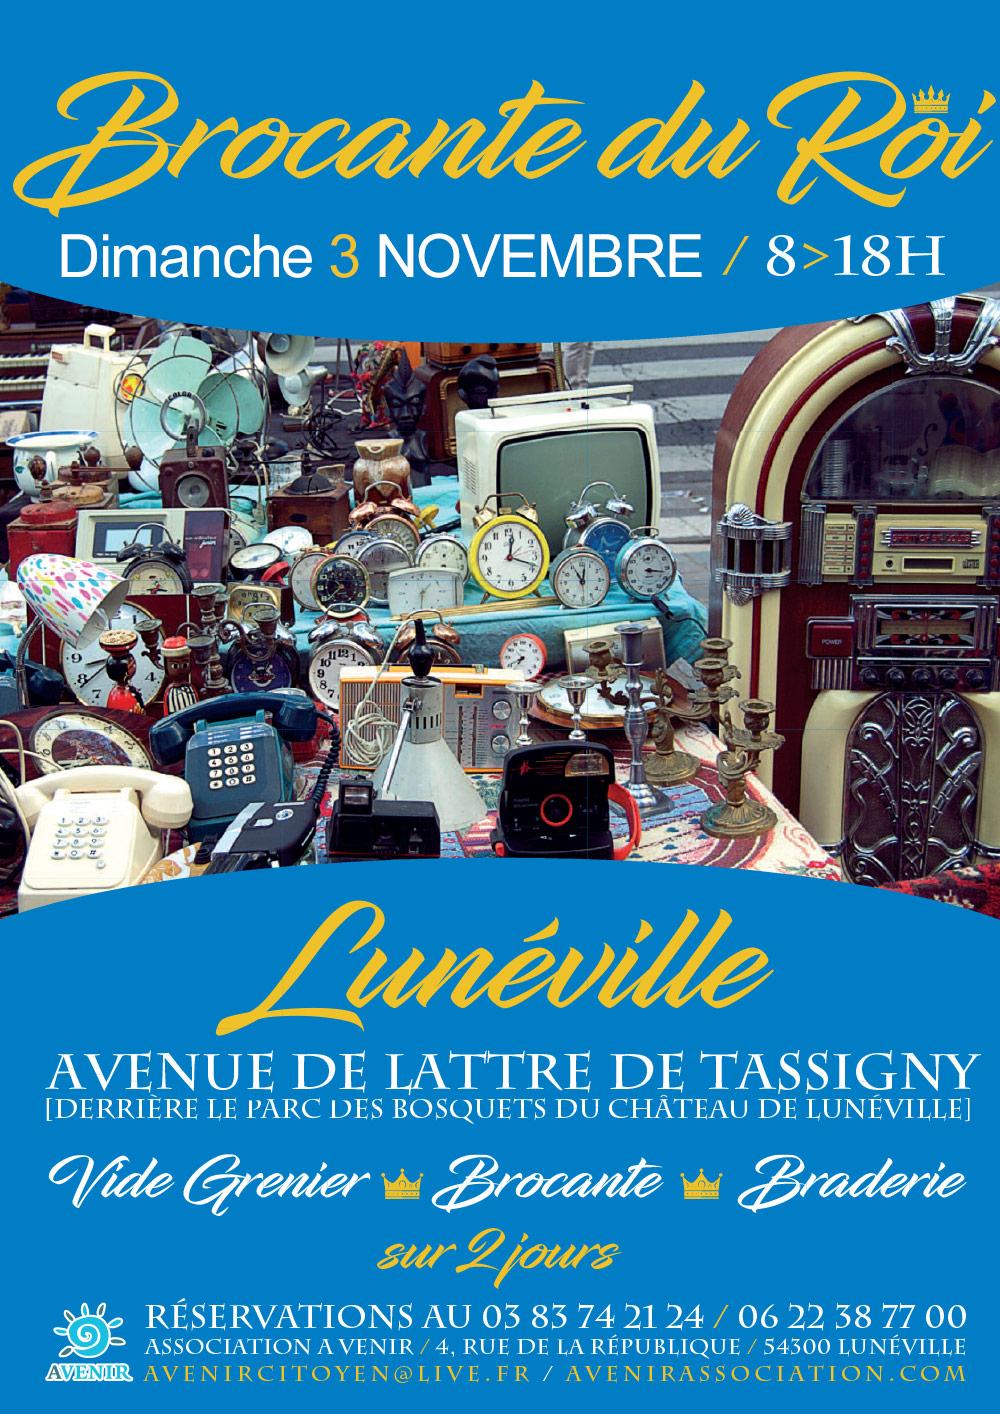 Brocante du Roi Dimanche 3 Novembre 2019 Lunéville